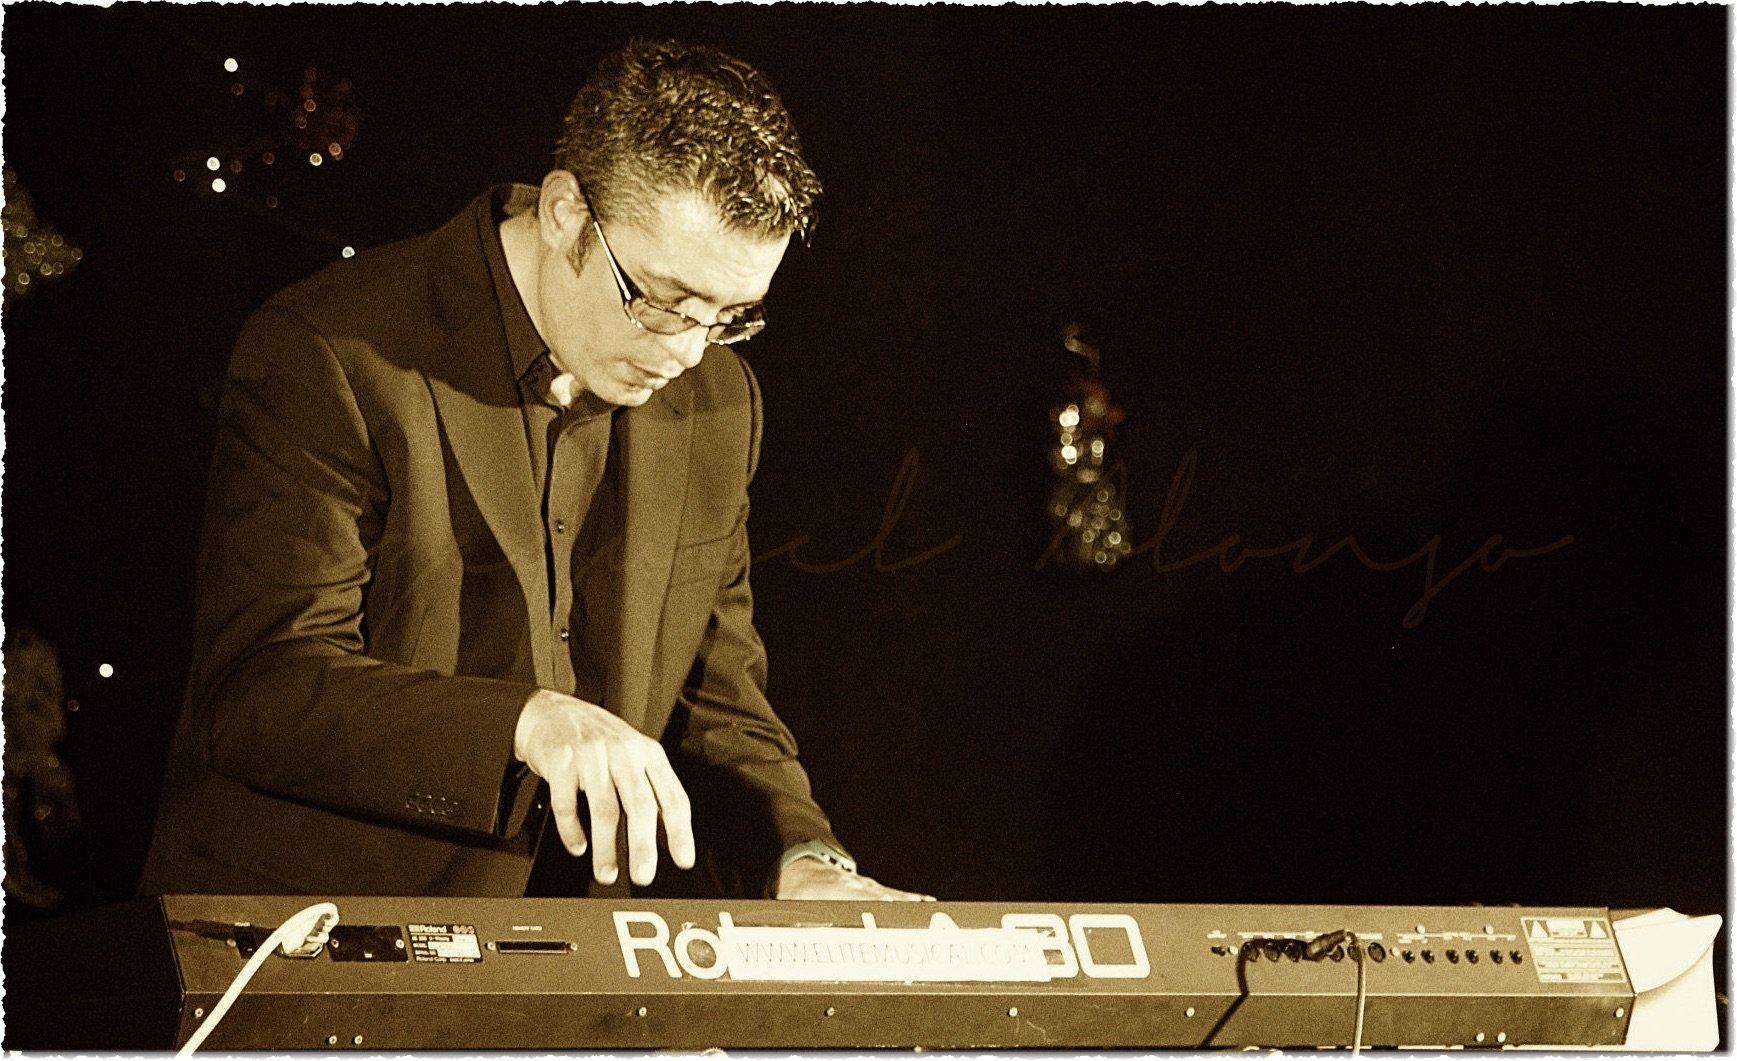 Carlos Mariño Steinberg Cubase Roland